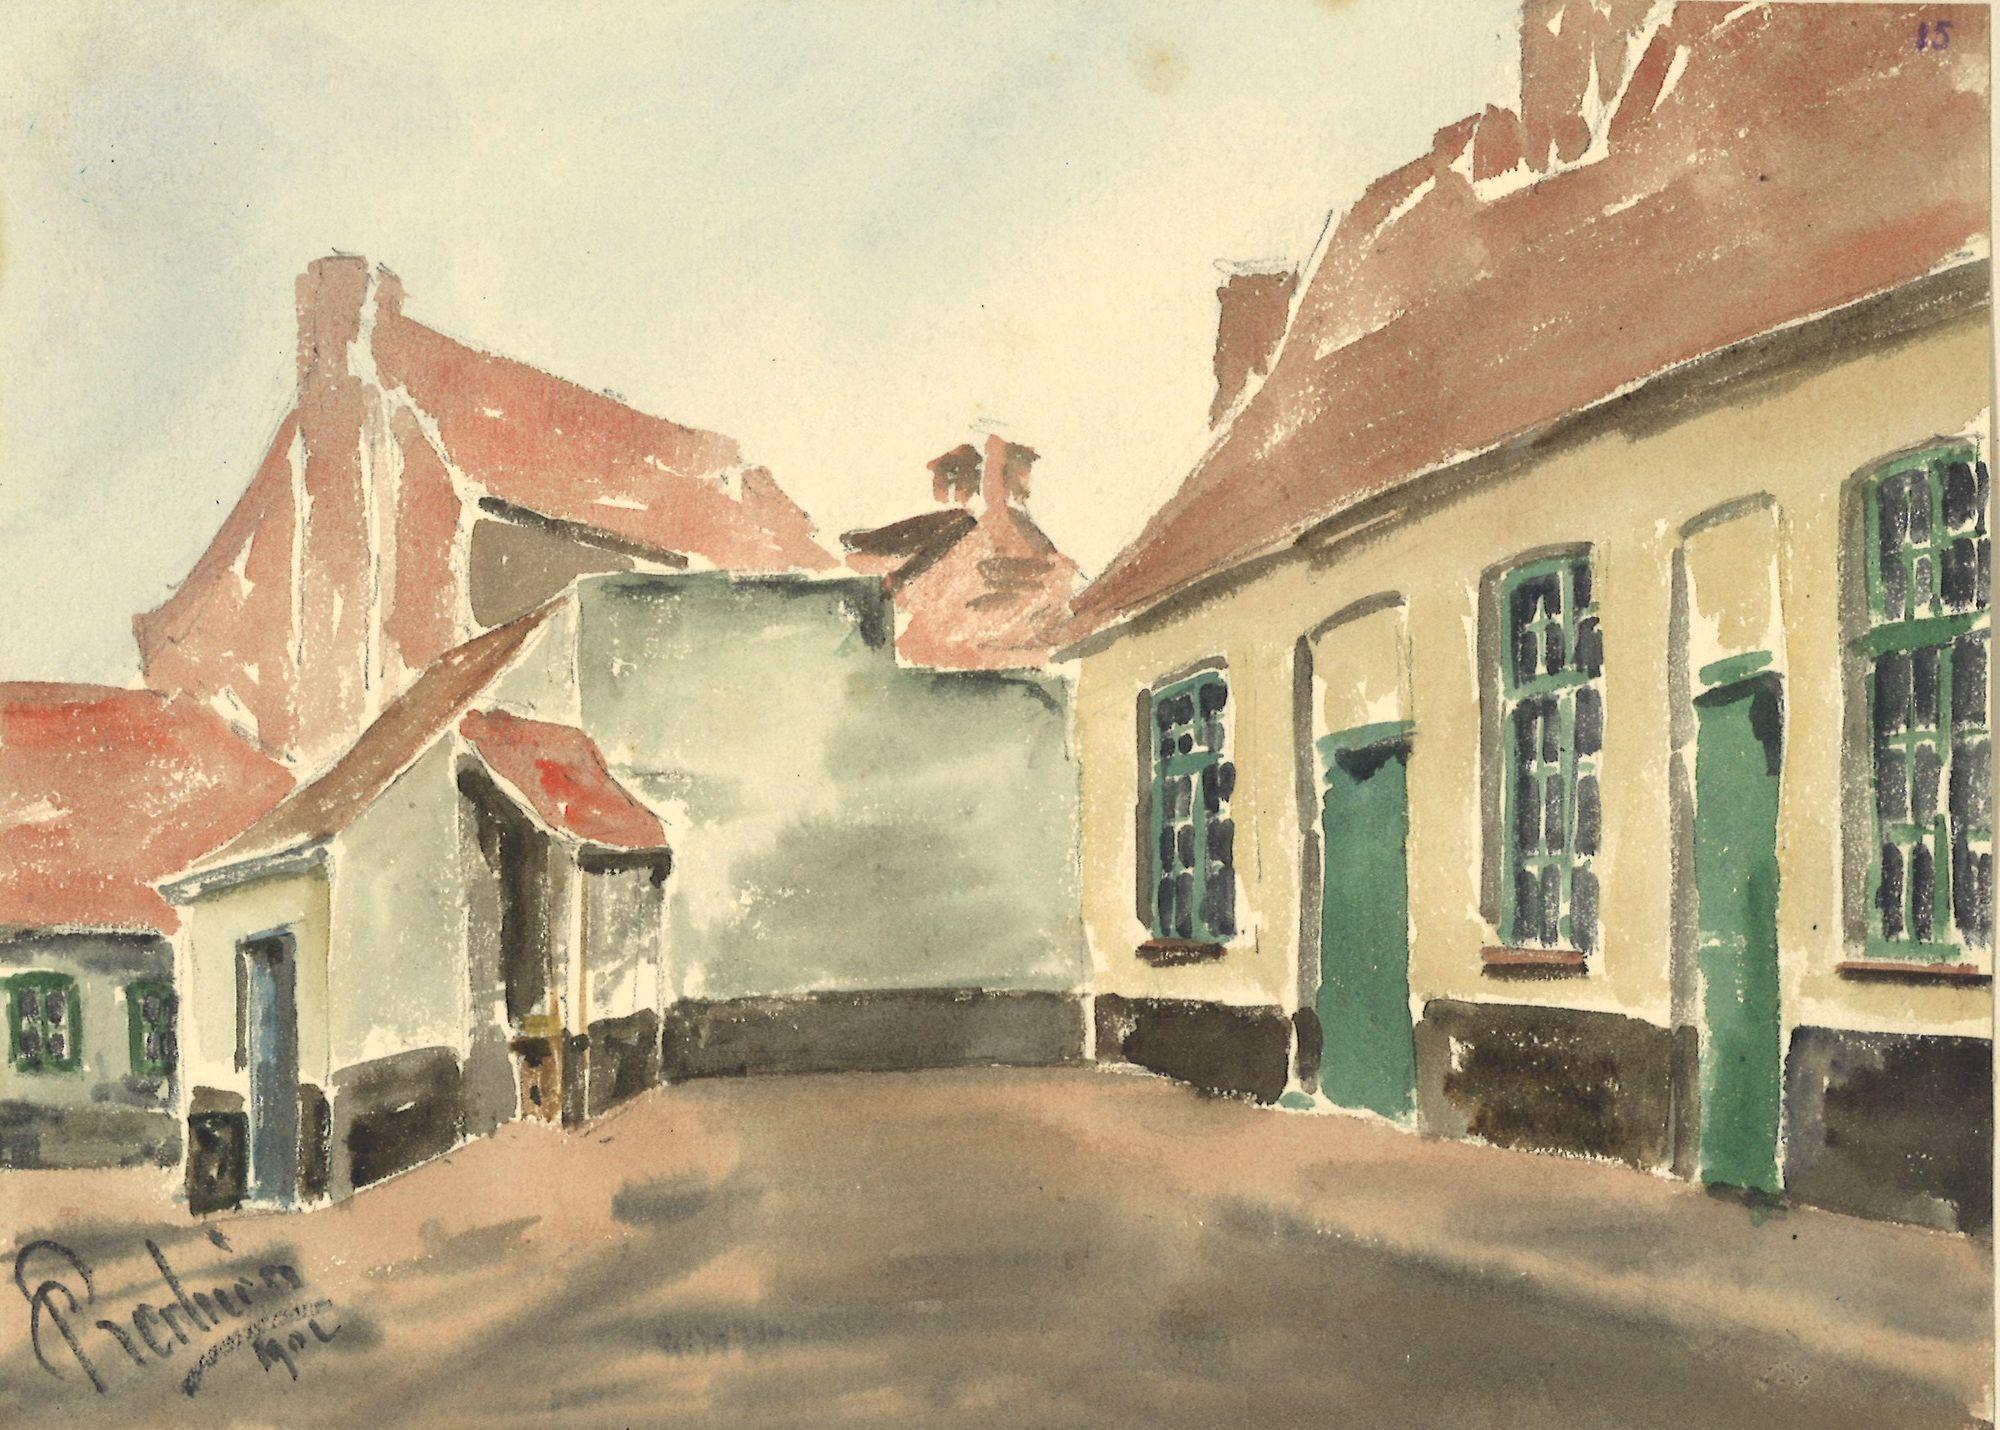 Willemspoortje